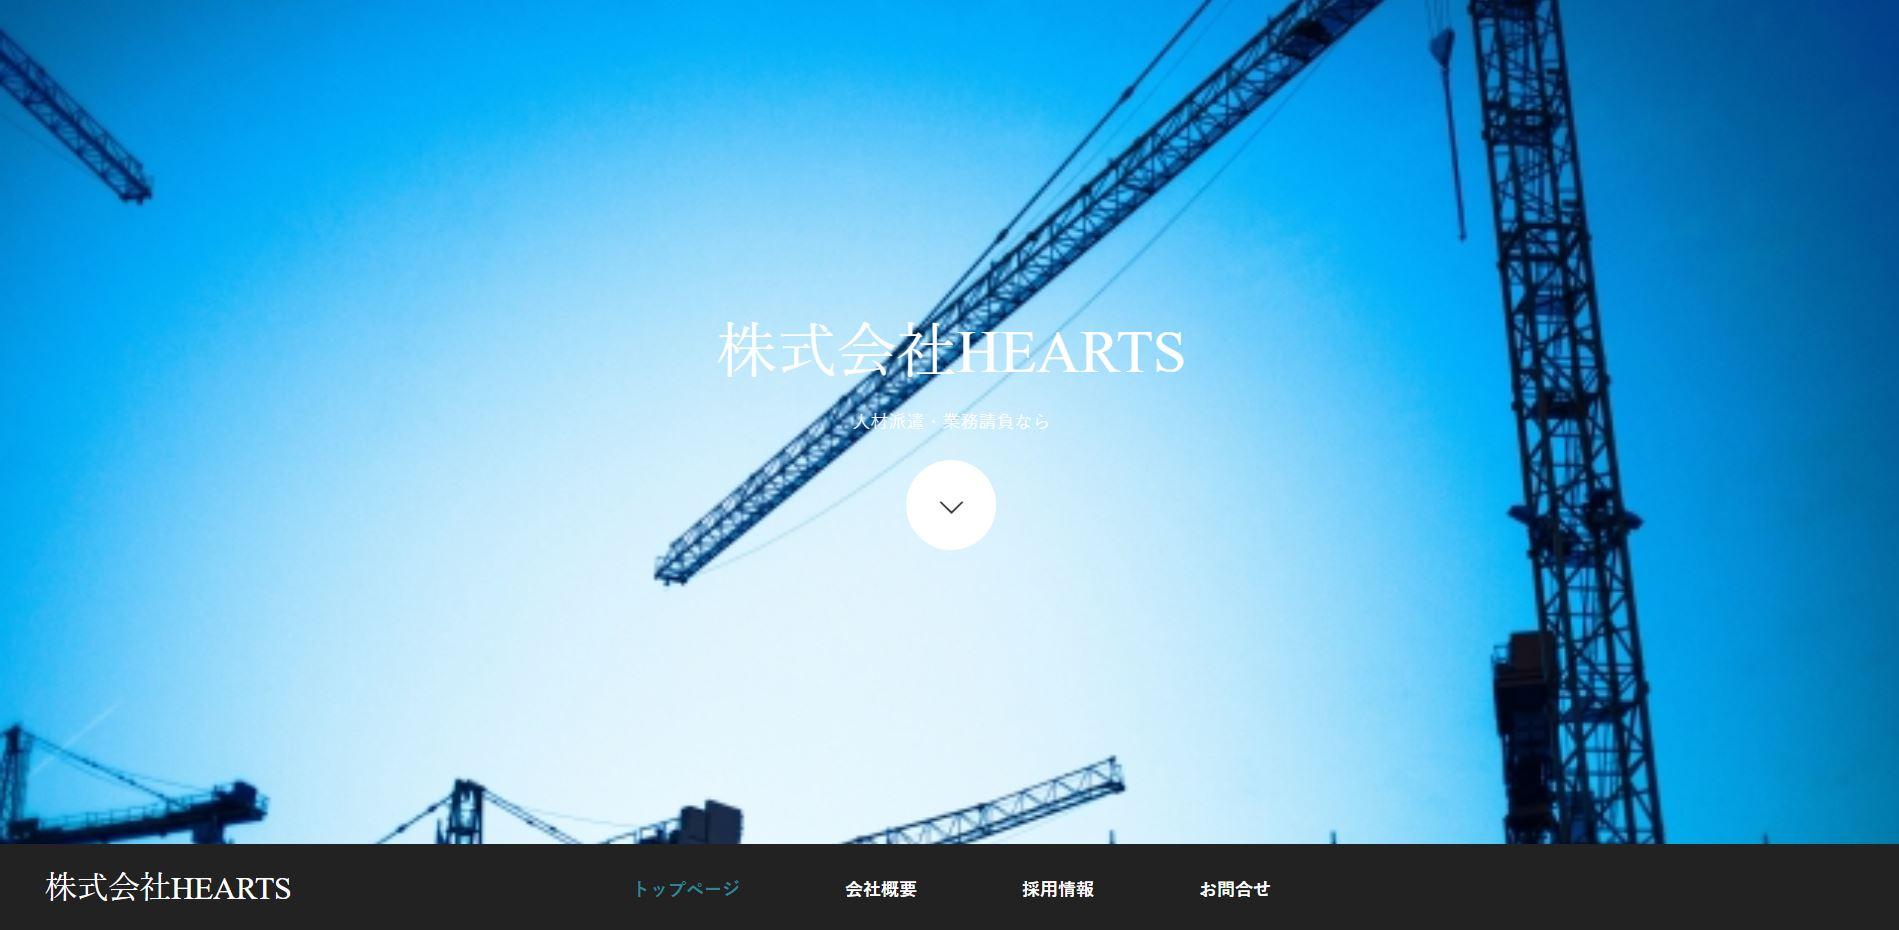 株式会社HEARTS